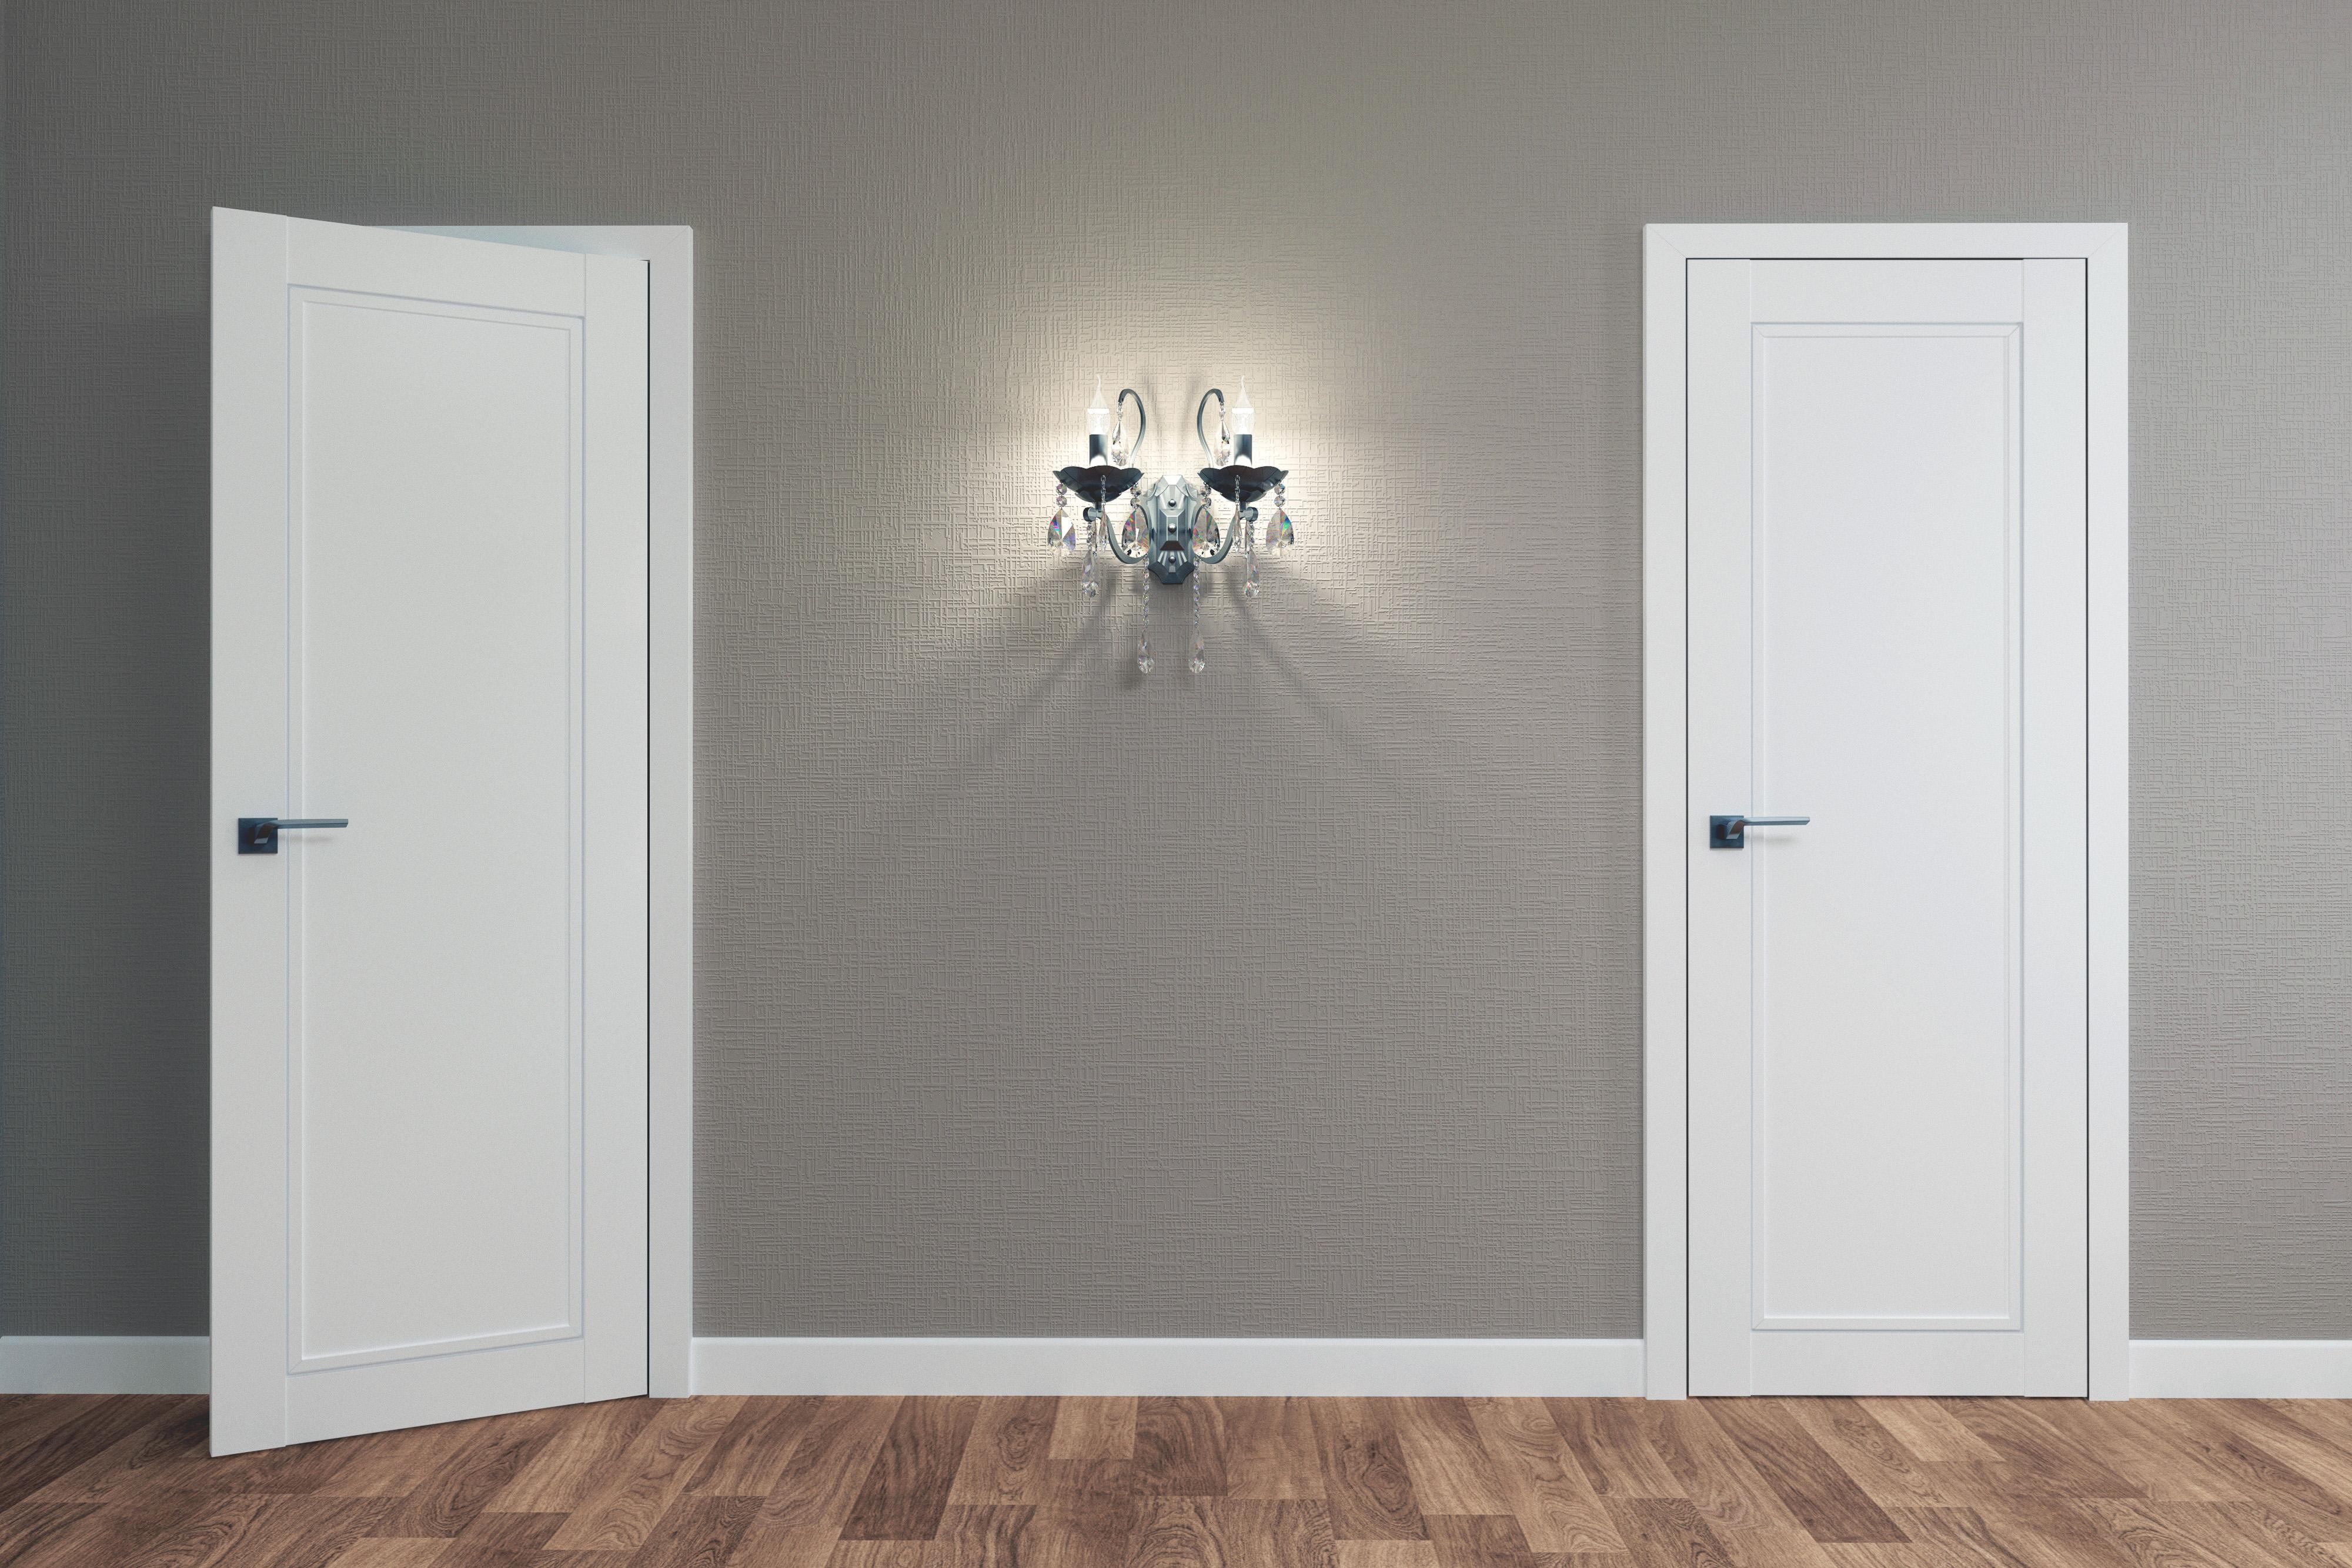 Как подобрать двери для интерьера в стиле хай-тек?